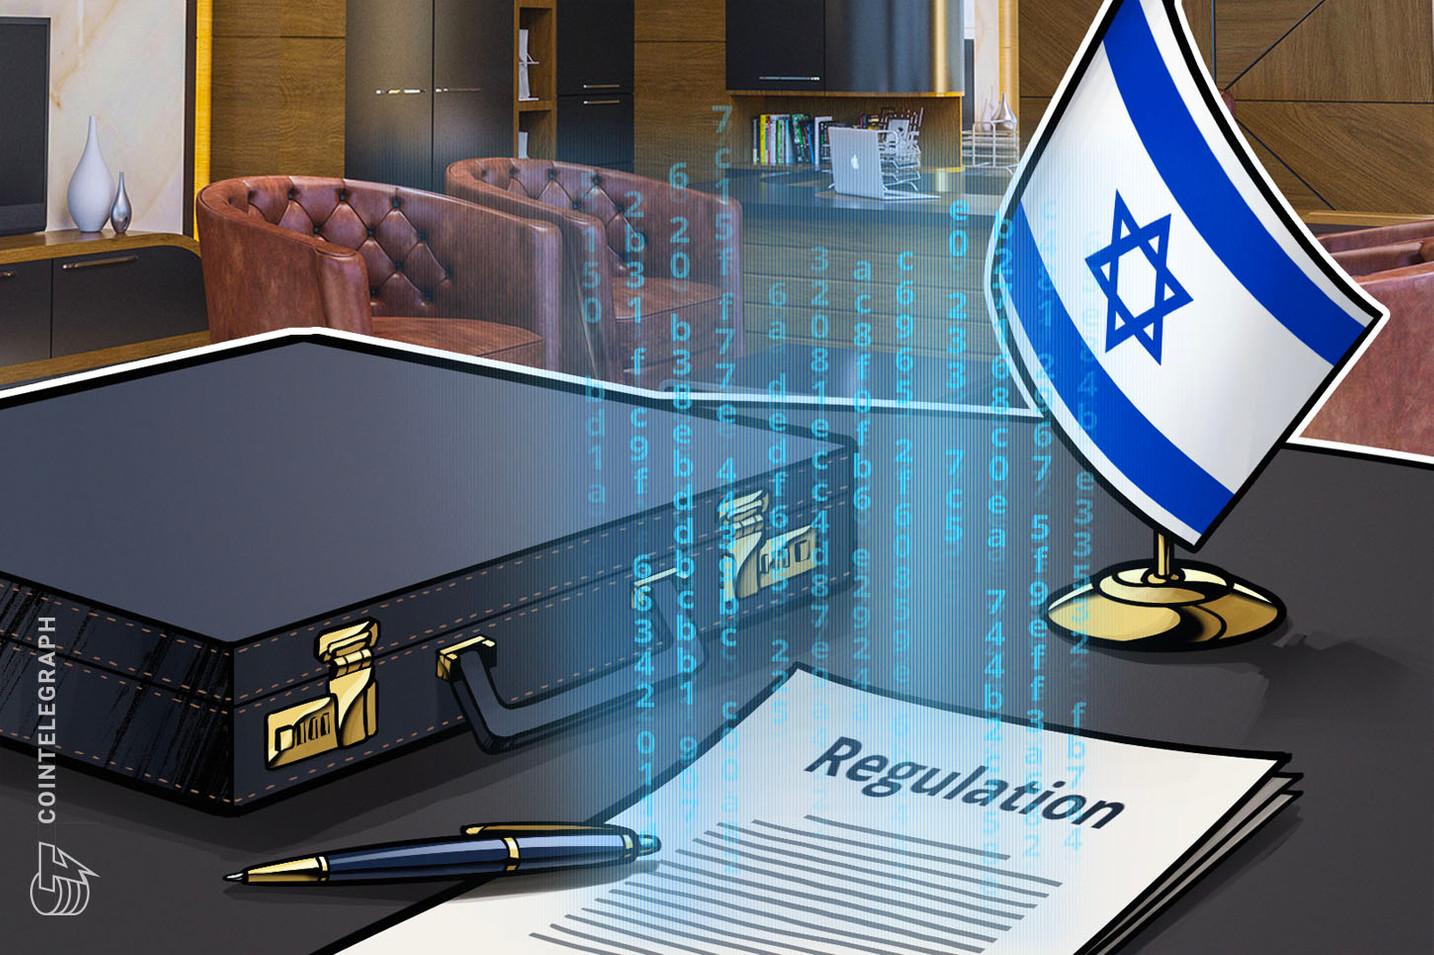 イスラエル財務省、ブロックチェーン関連企業へのライセンス付与を促進